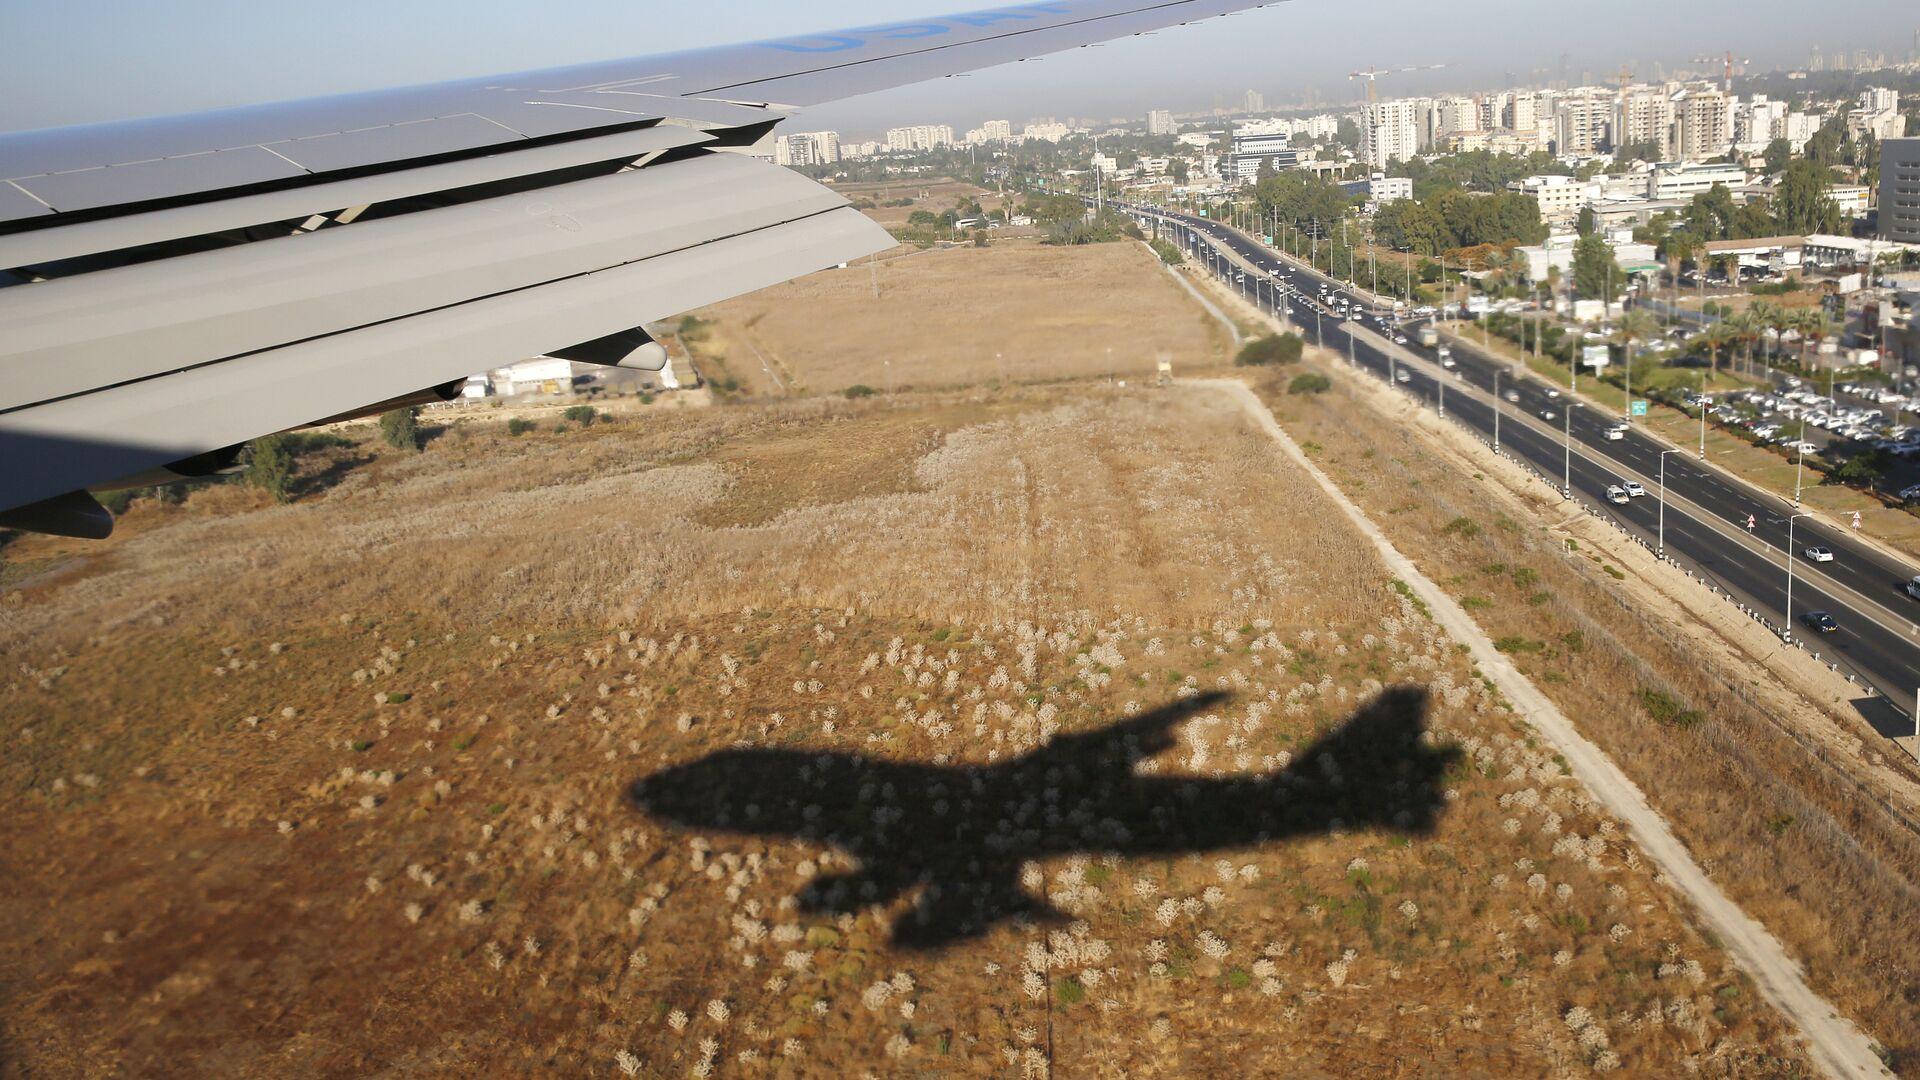 Тень от самолета, прилетающего в международный аэропорт Бен-Гурион в Тель-Авиве, Израиль - РИА Новости, 1920, 13.05.2021